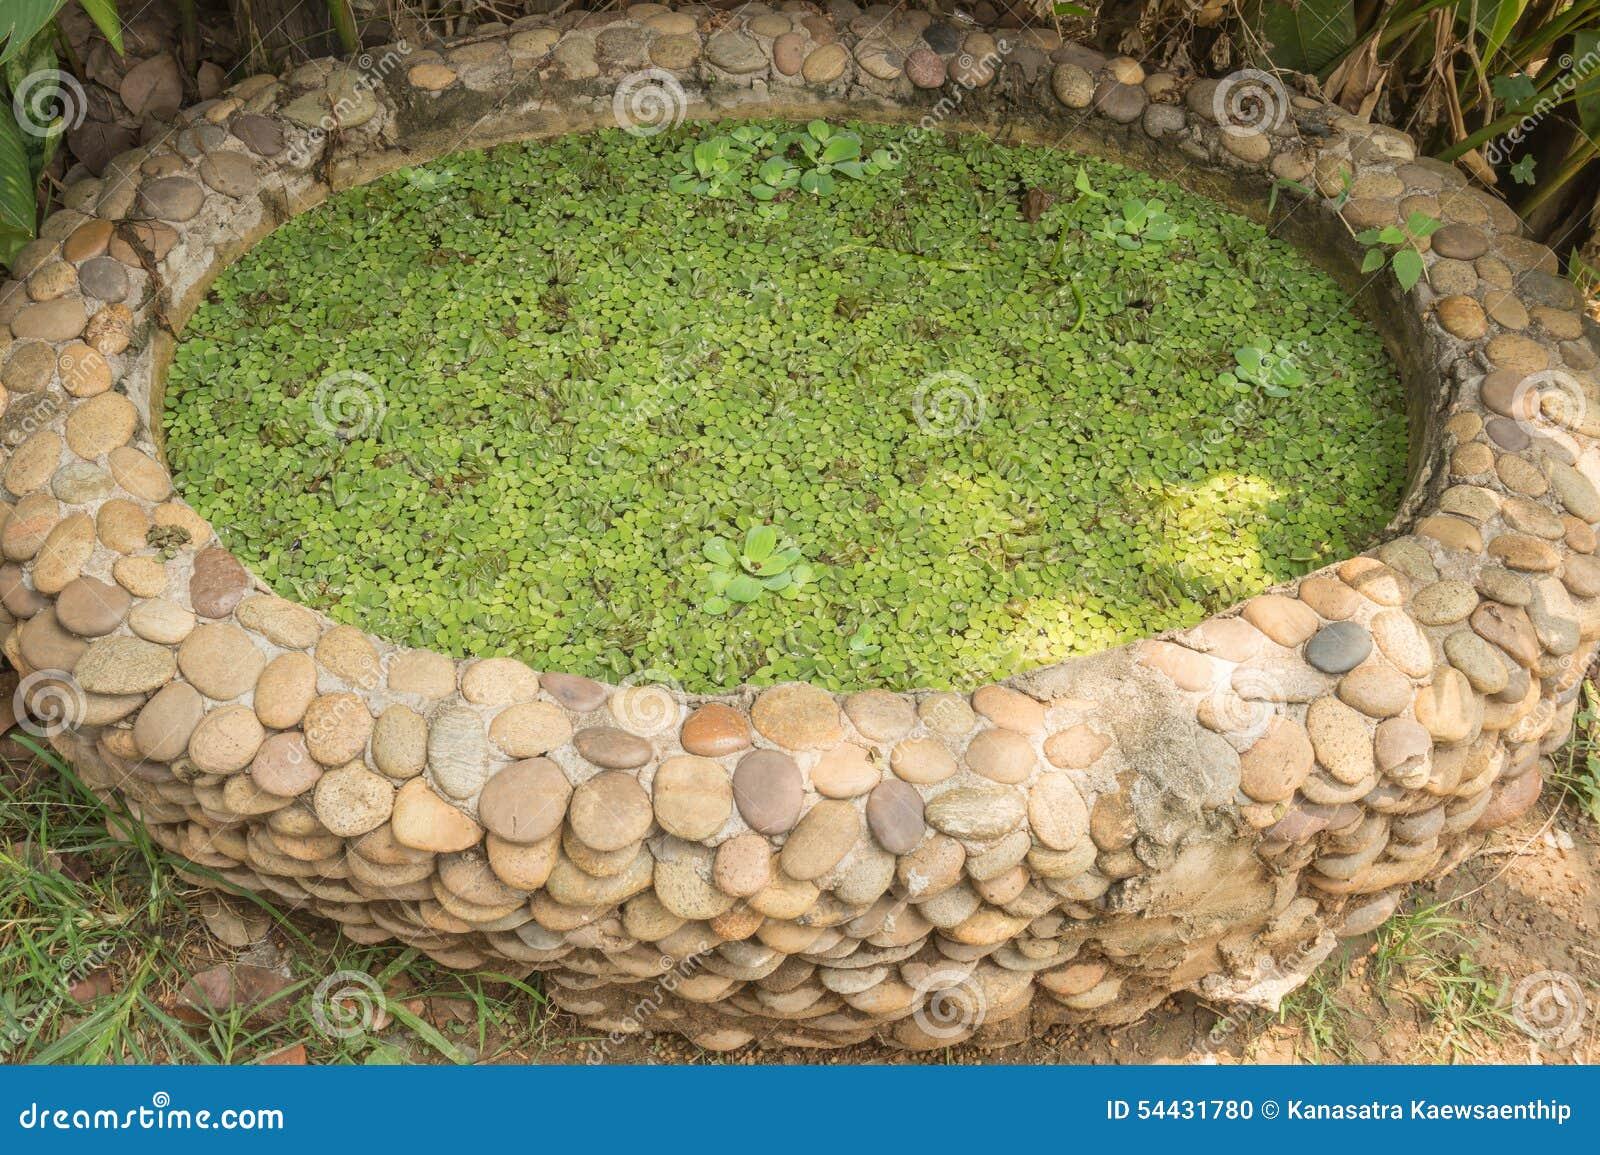 Small garden pond made of gravel stones stock photo for Garden pond gravel